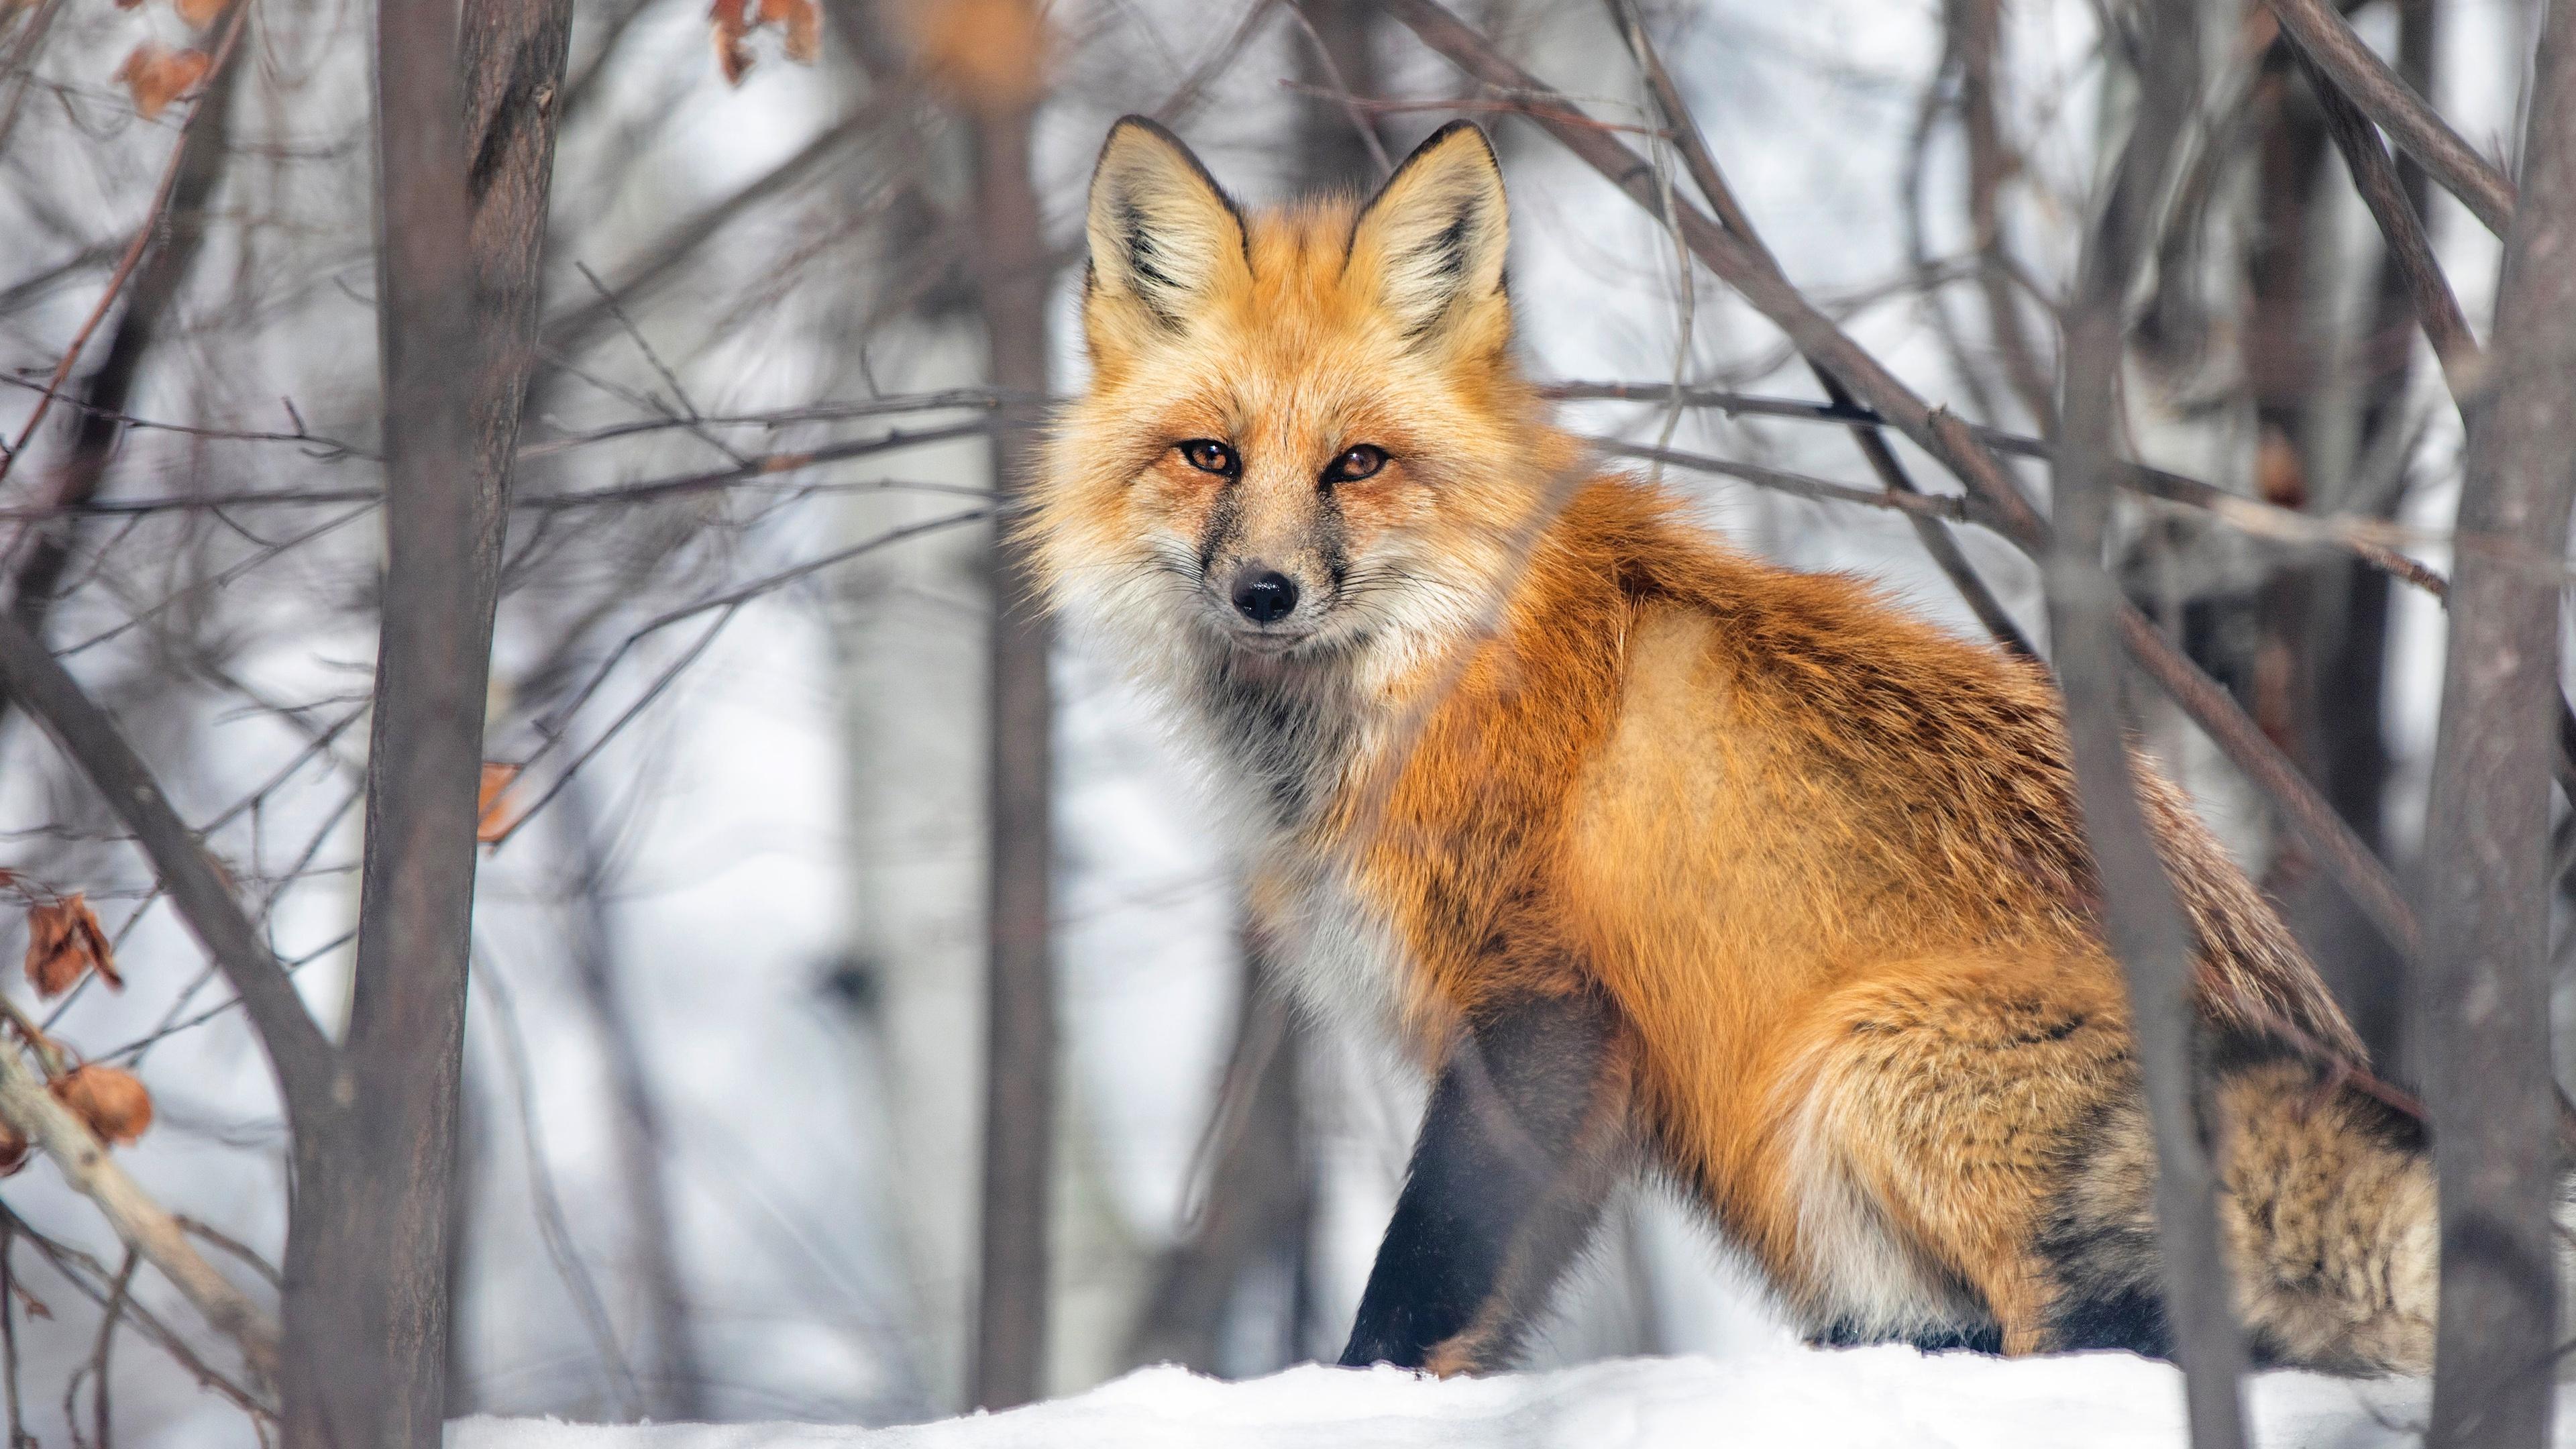 Фото Лисы Рыжая снеге смотрят животное 3840x2160 Лисица рыжих рыжие Снег снегу снега Взгляд смотрит Животные